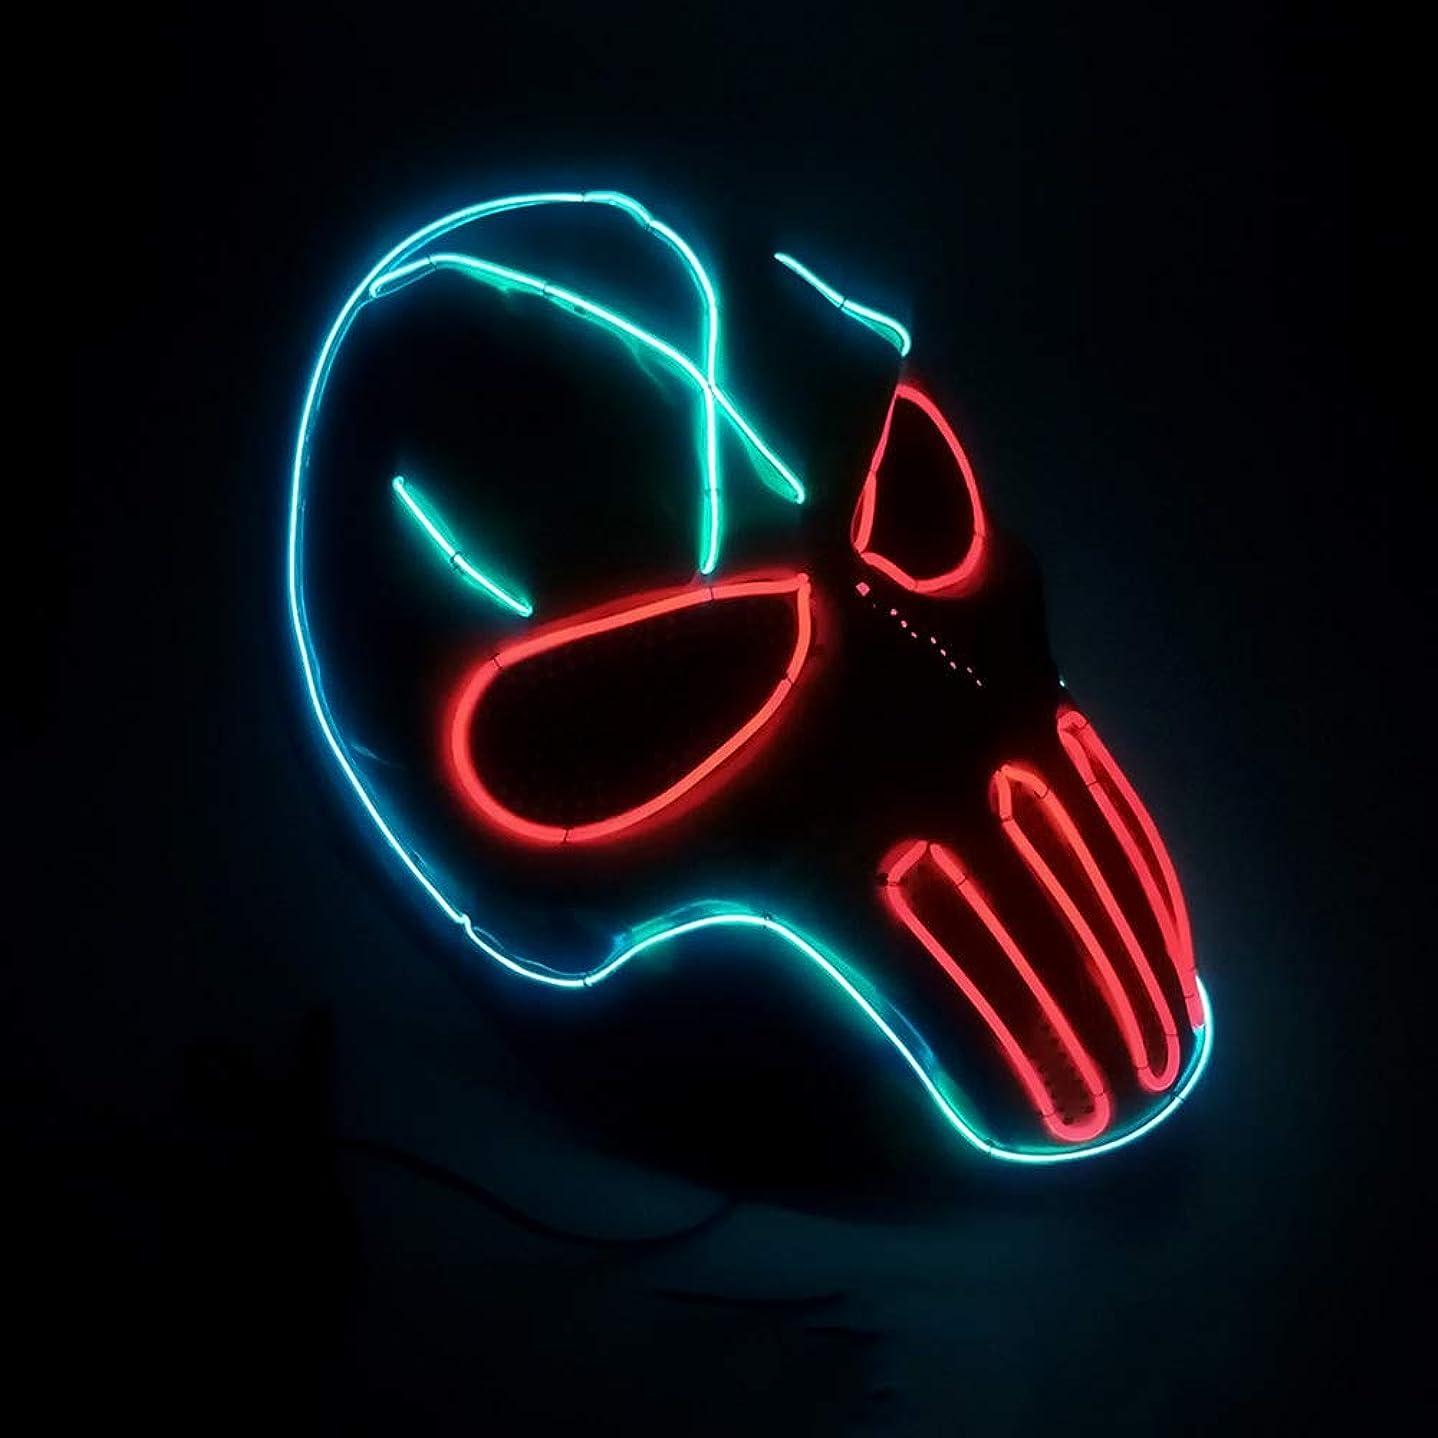 エンジニアリングコミットメント事前にハロウィン テロ CS Wildfire LED マスク 2個 エルワイヤ イルミネーション 化粧 コスプレ プロム マスク (18×18Cm) MAG.AL